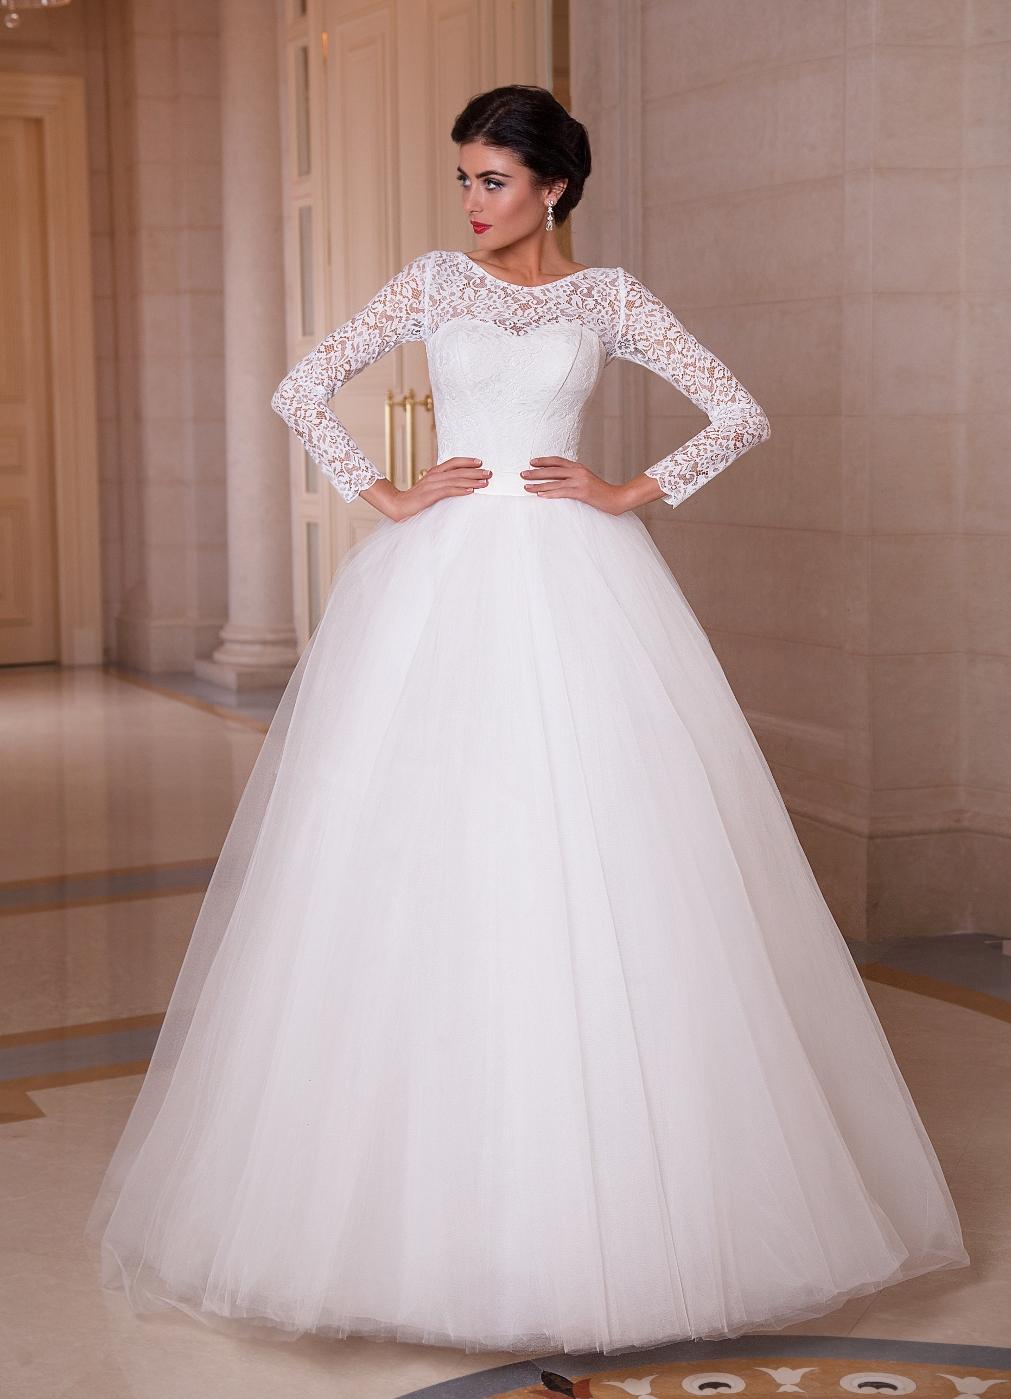 Лебедь платье свадебное